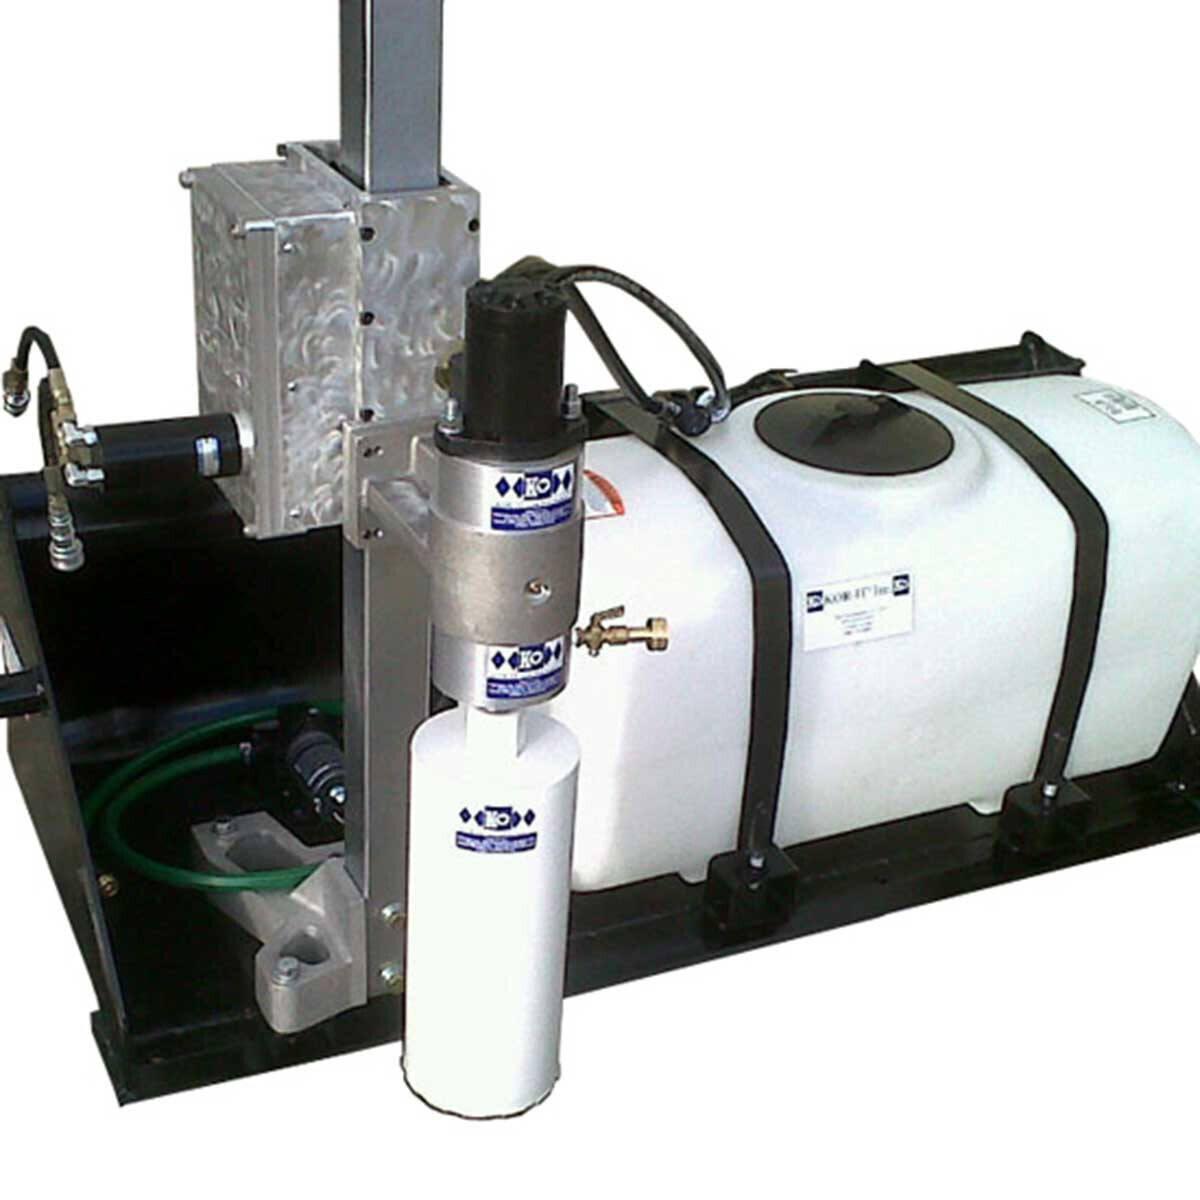 Kor-It K-700 Mounted Core Drill Machine